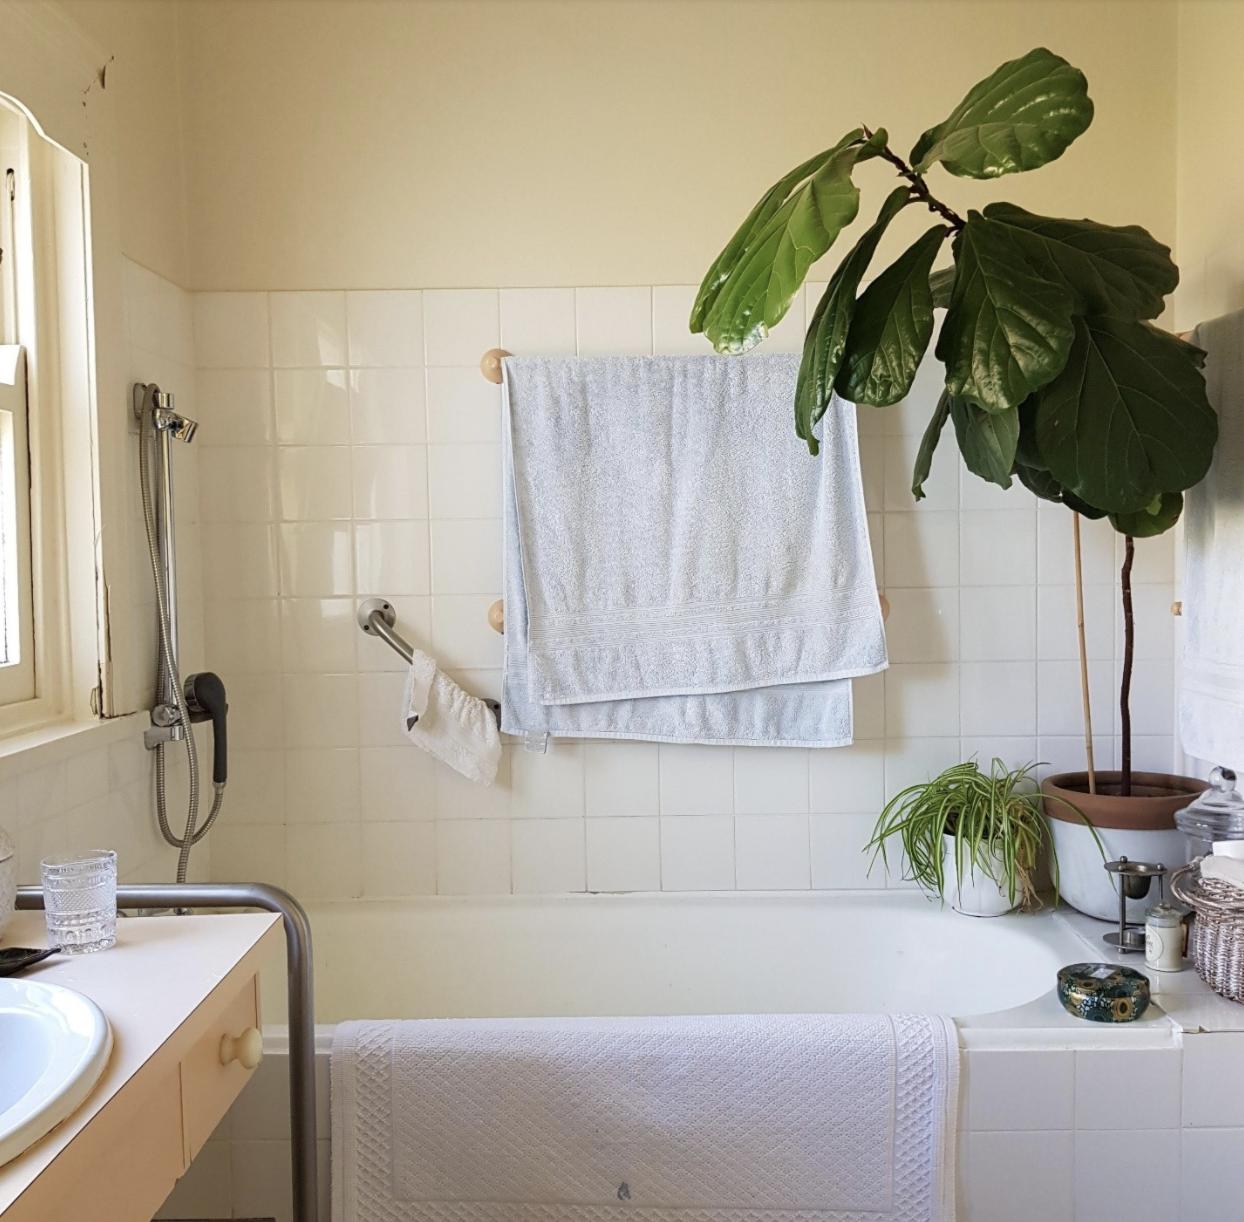 journey-home-interiors-1930-bathroom-renovation-Yarralumla-au-shower-door-layout-before-renovation